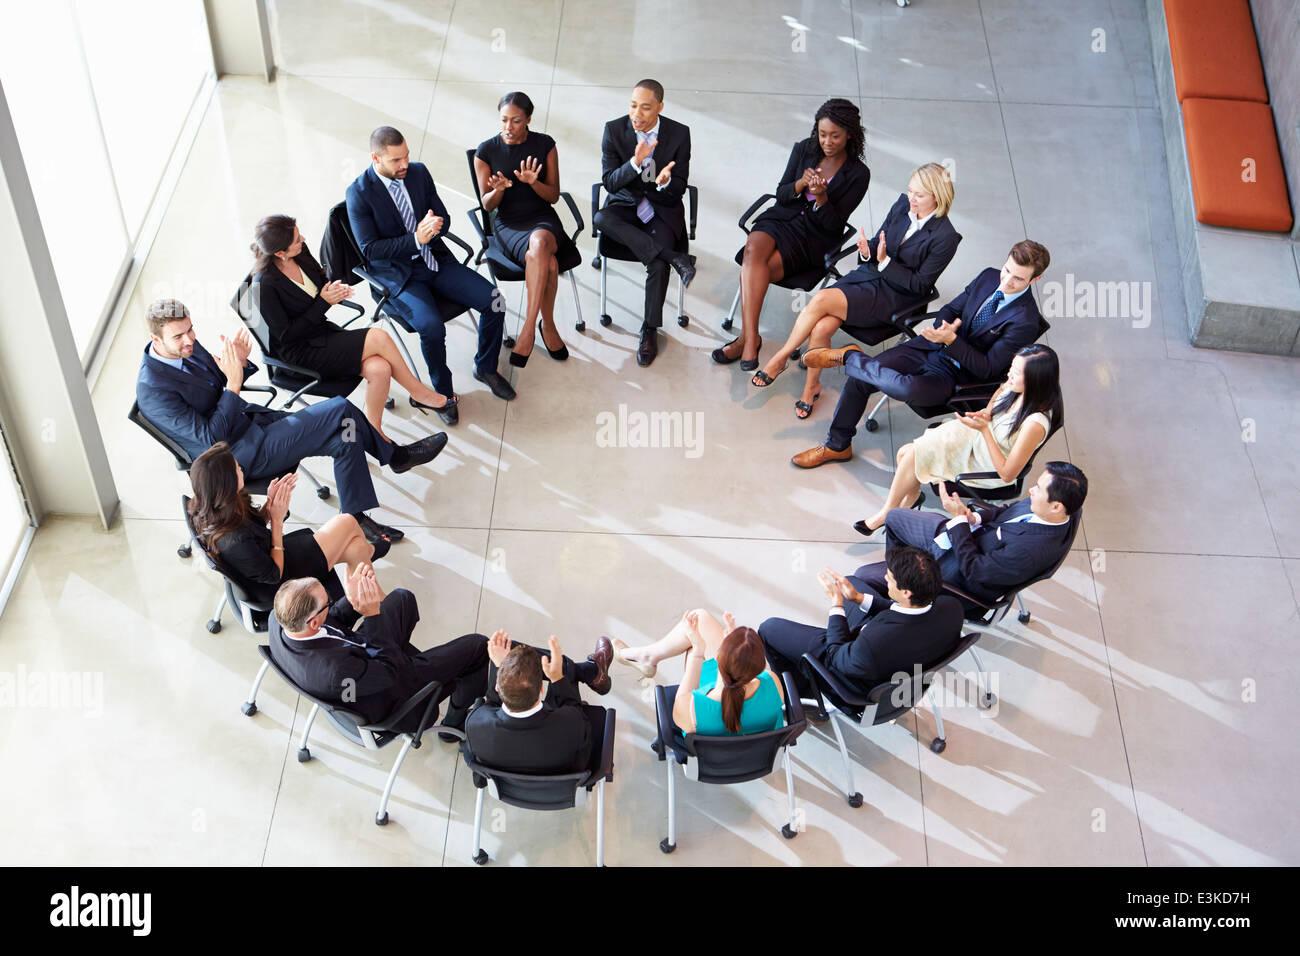 El personal de la Oficina Multi-Cultural aplaudiendo durante la reunión Foto de stock